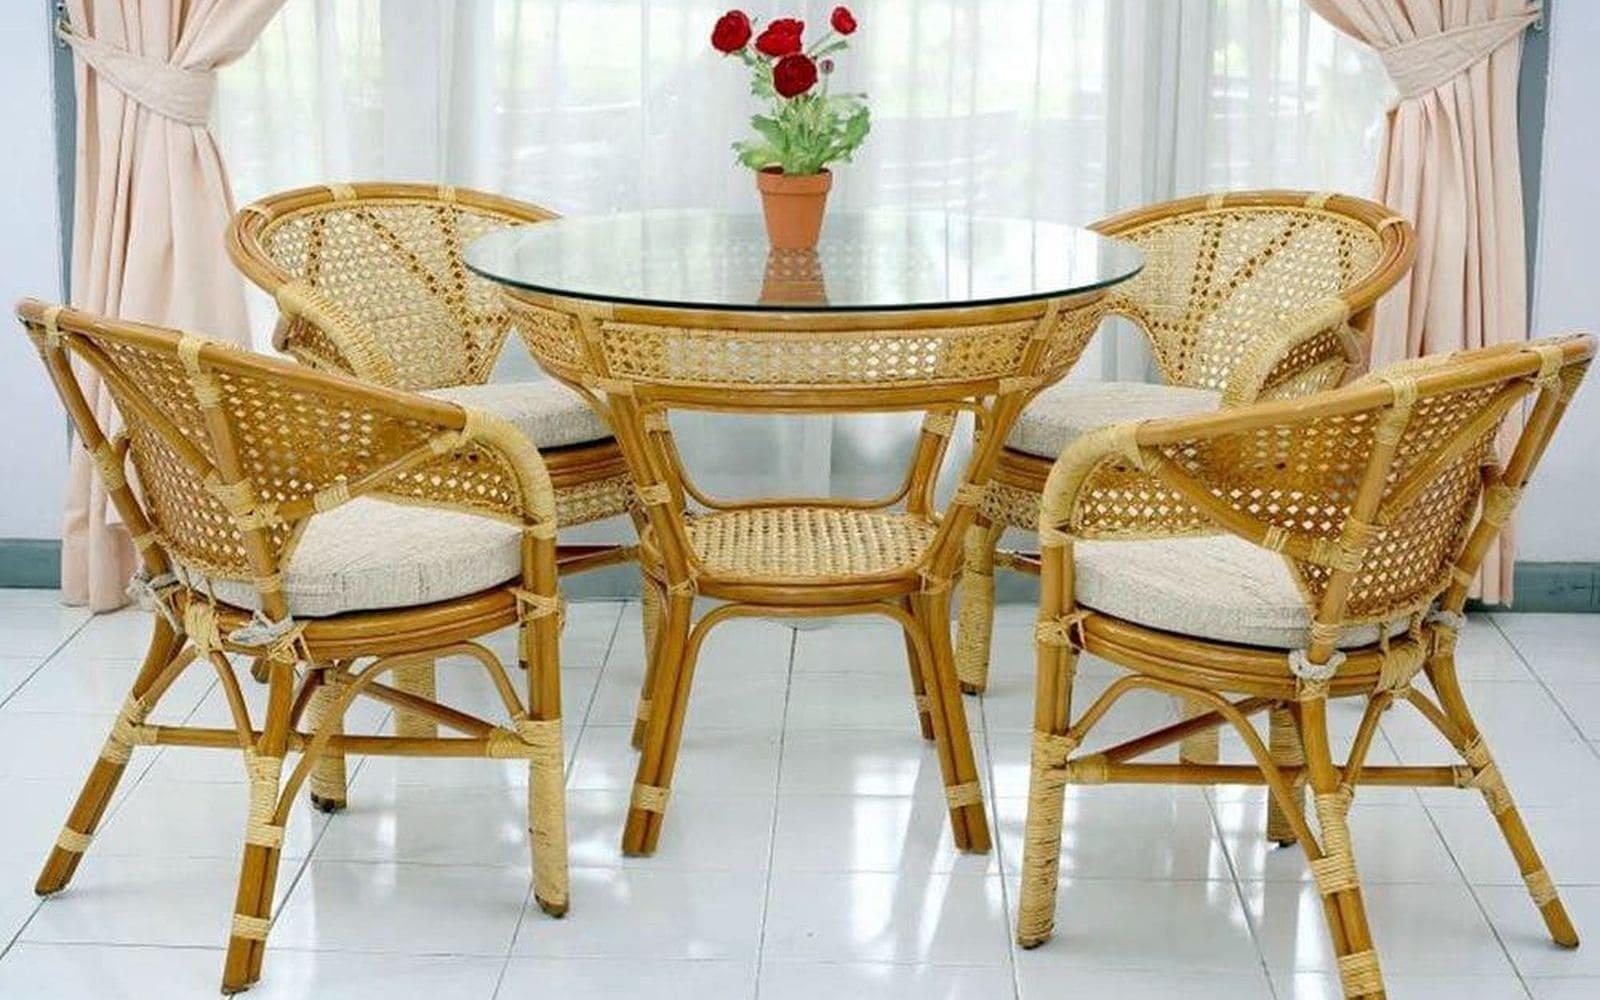 обеденный комплект из натурального ротанга, комплект мебели из натурального ротанга